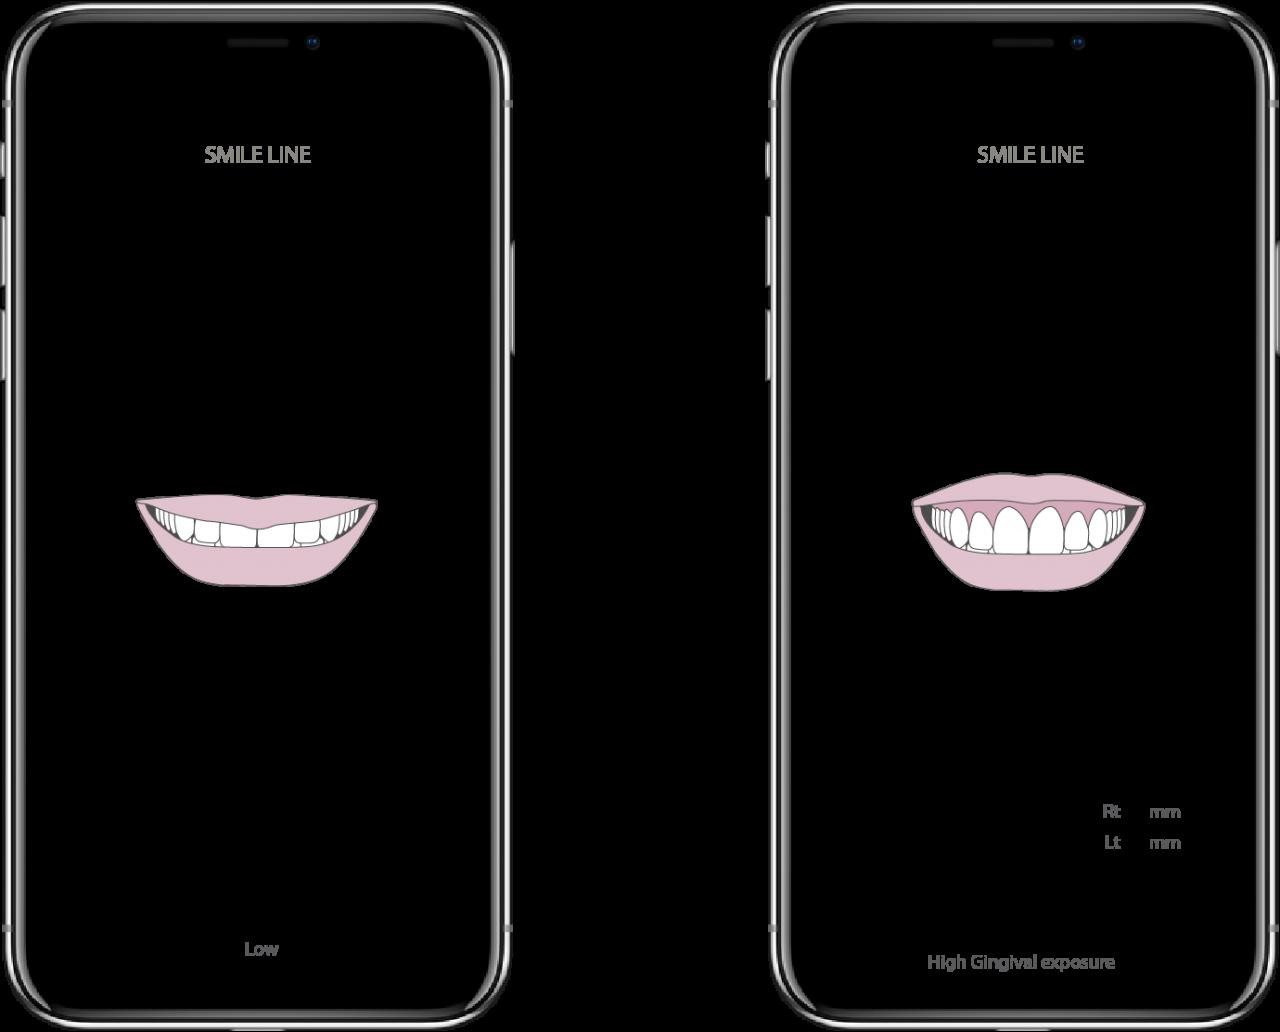 smiledesign03